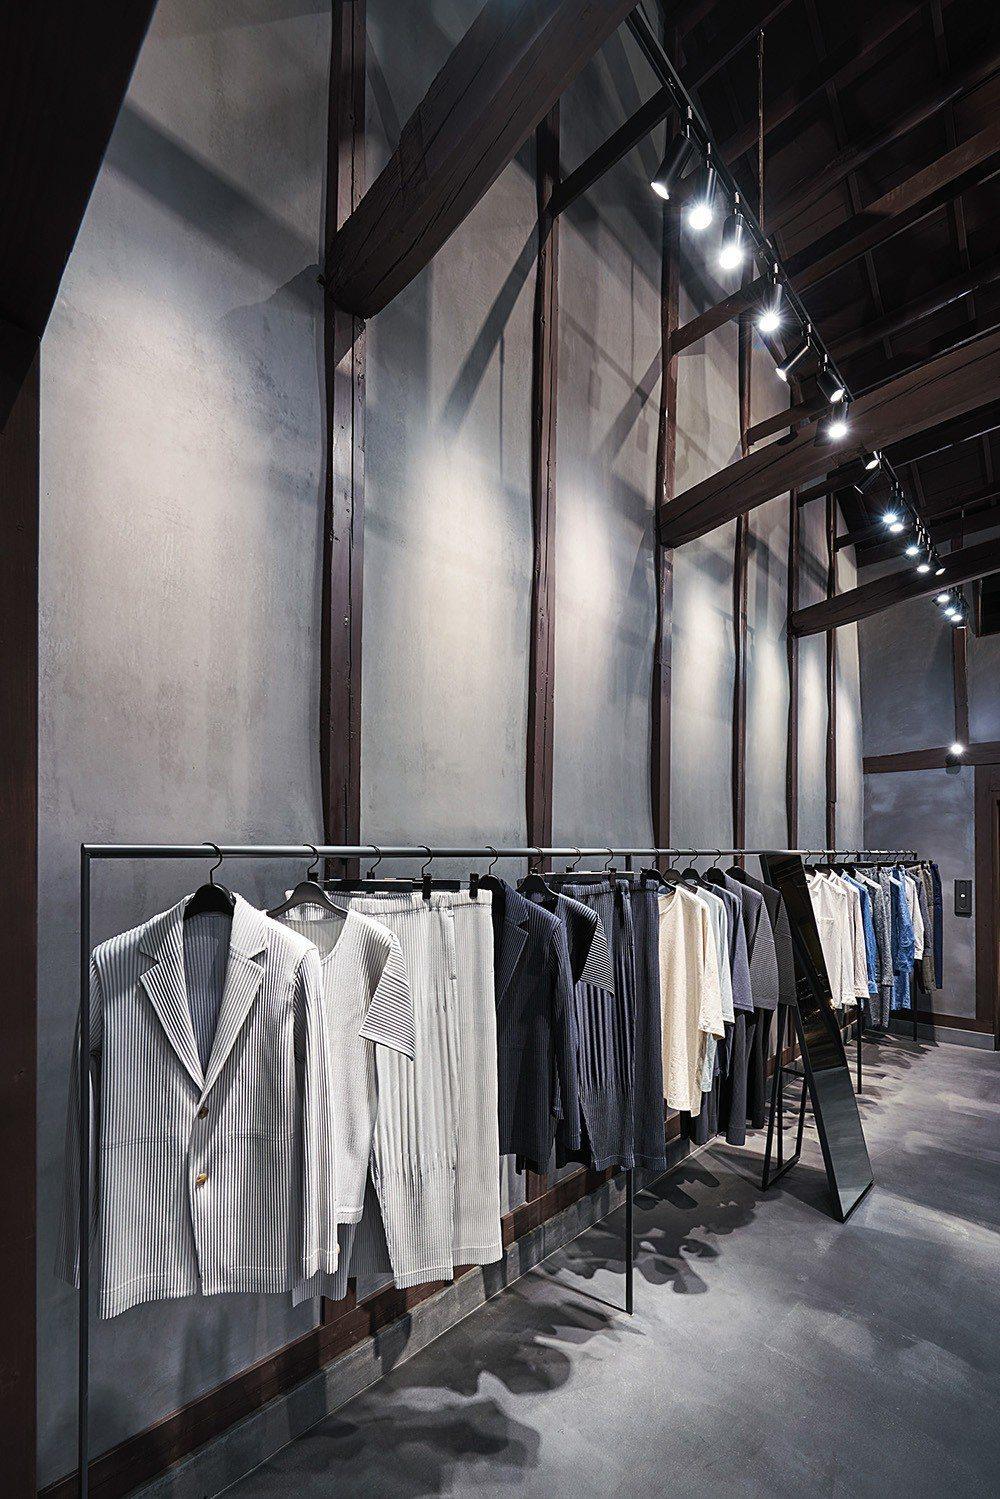 由深澤直人操刀設計的空間,整體以日本傳統的墨色(sumi)為主調,呼應沉穩高雅的...